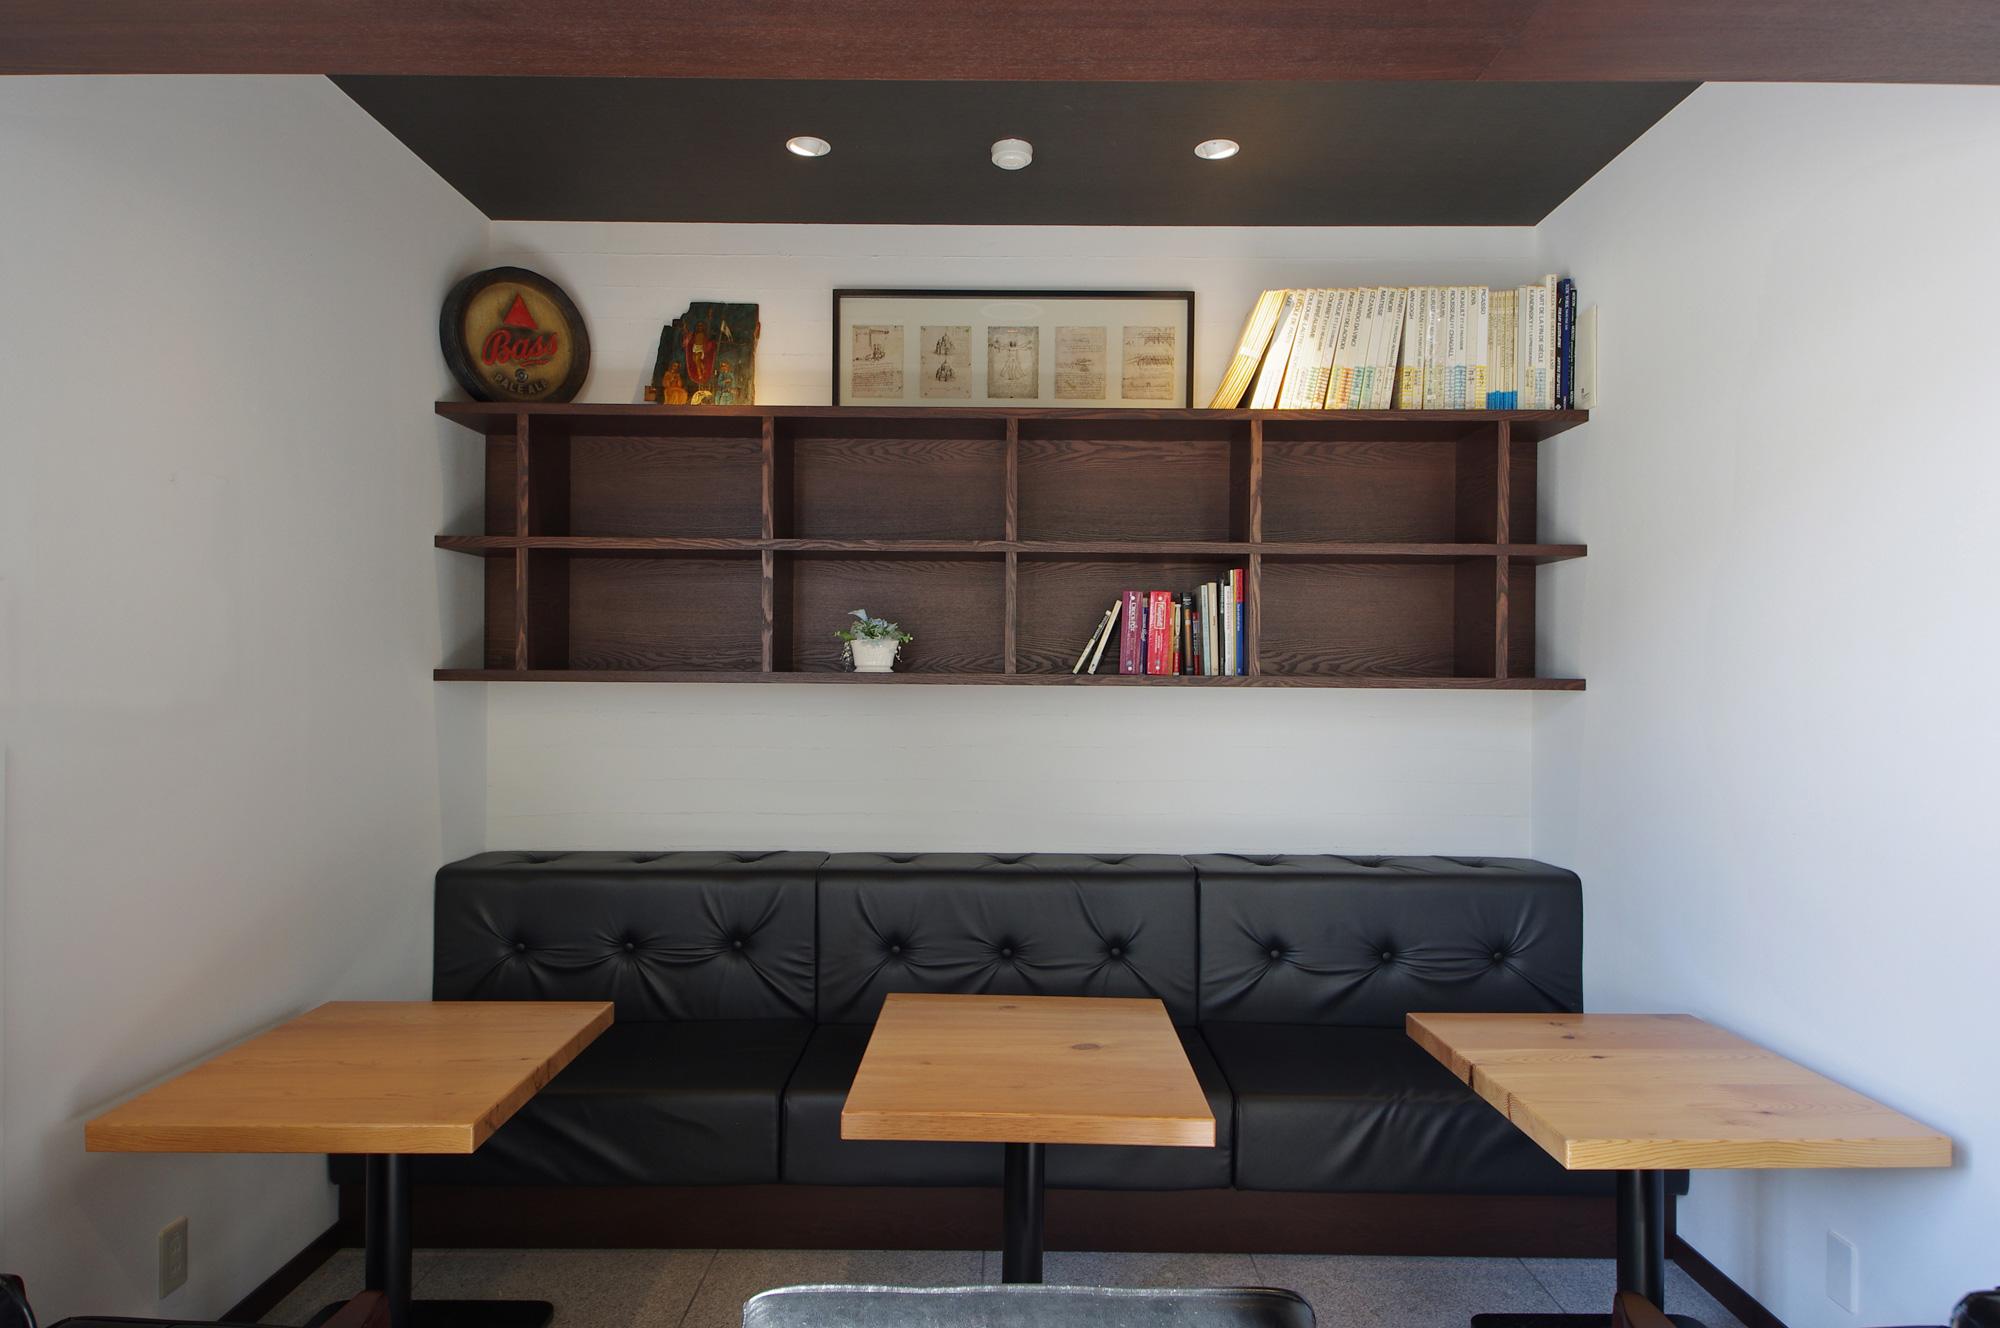 客席: 店内奥のブースは落ち着いてくつろげる空間となるよう、天井高を低く設定しています